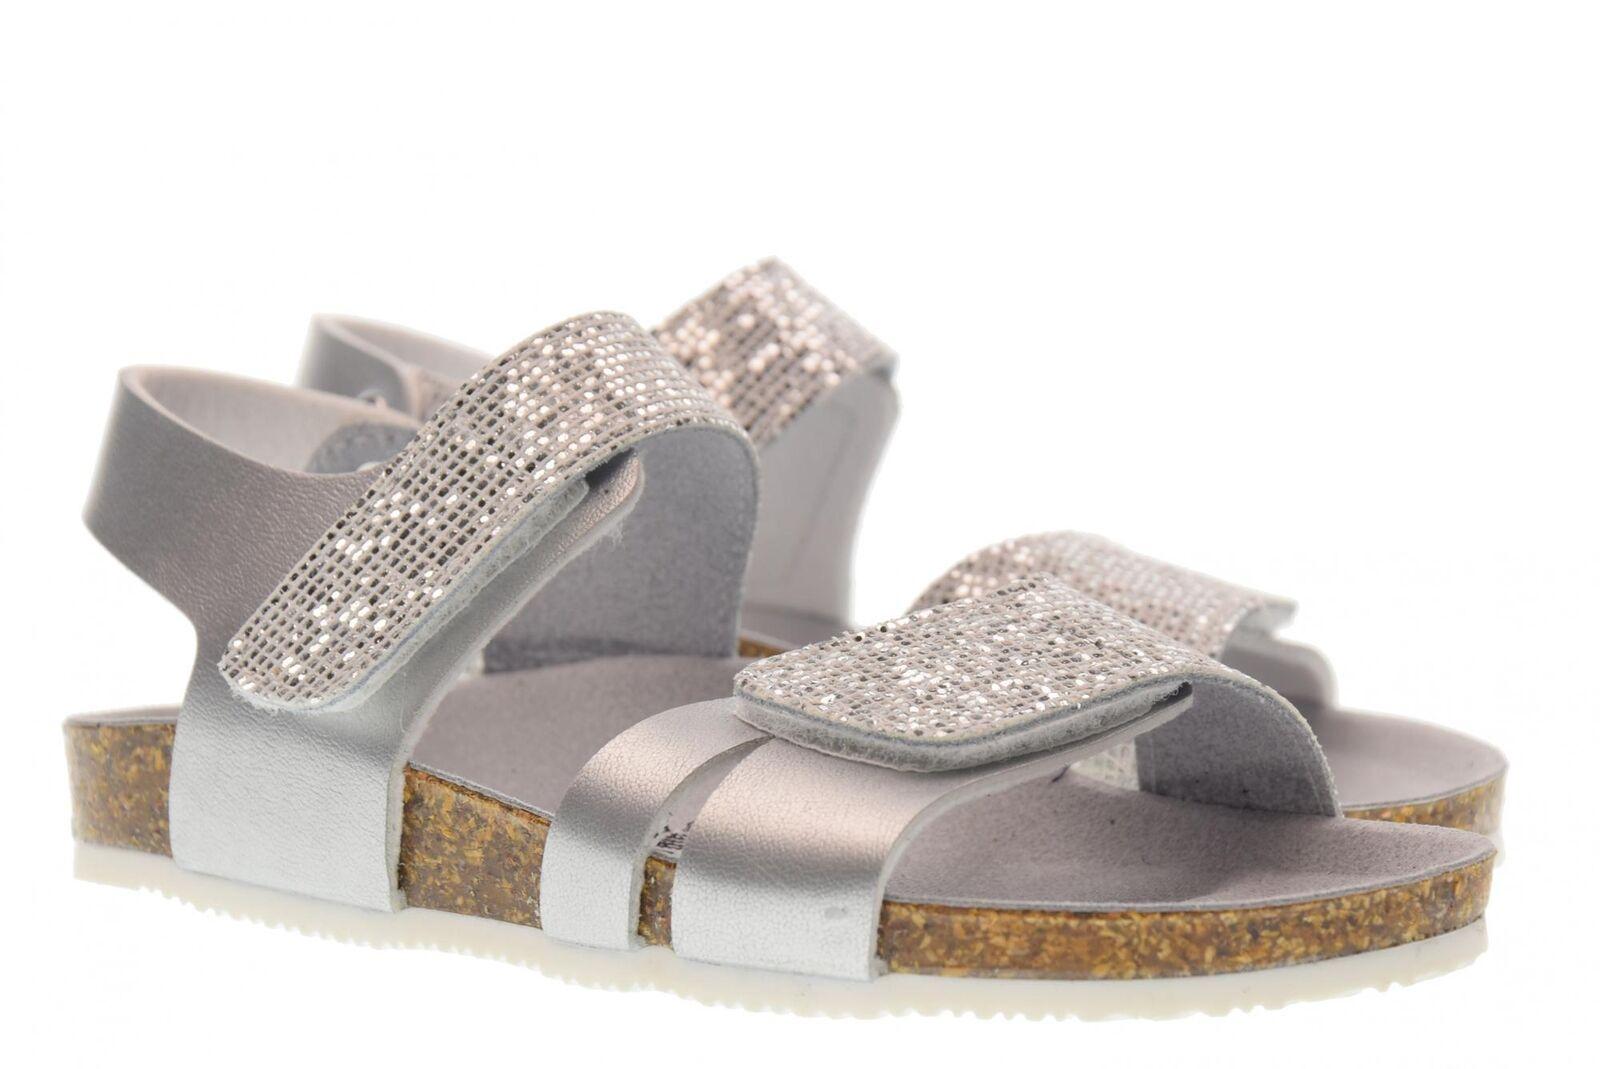 goldstar shoes unisex sandalo 8864Q (29 36) silver P18